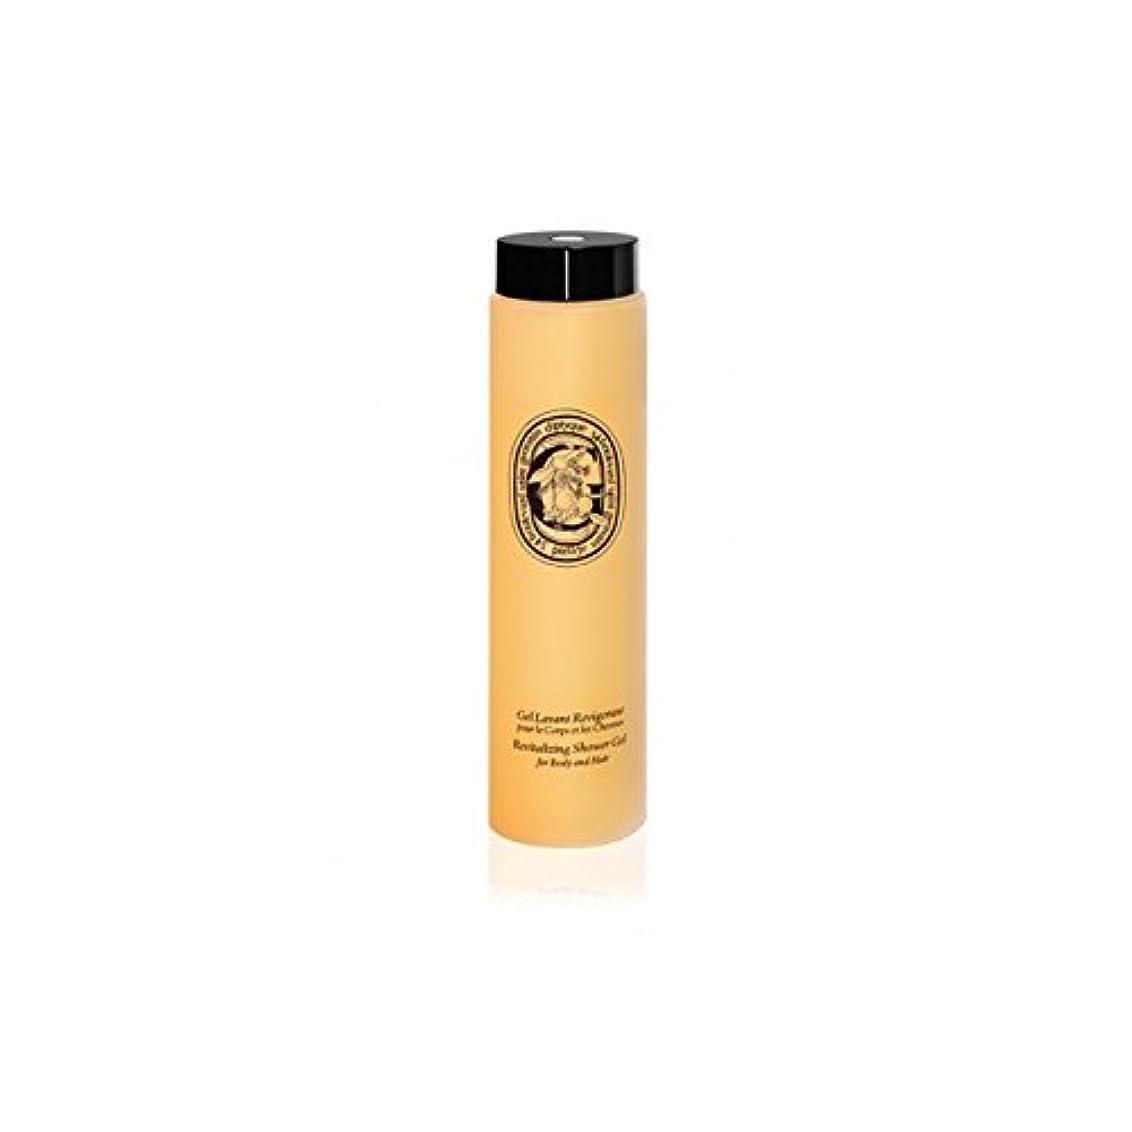 統計まっすぐにする私ボディ、ヘア200ミリリットルのためDiptyqueのリバイタライジングシャワージェル - Diptyque Revitalizing Shower Gel For Body And Hair 200ml (Diptyque) [並行輸入品]